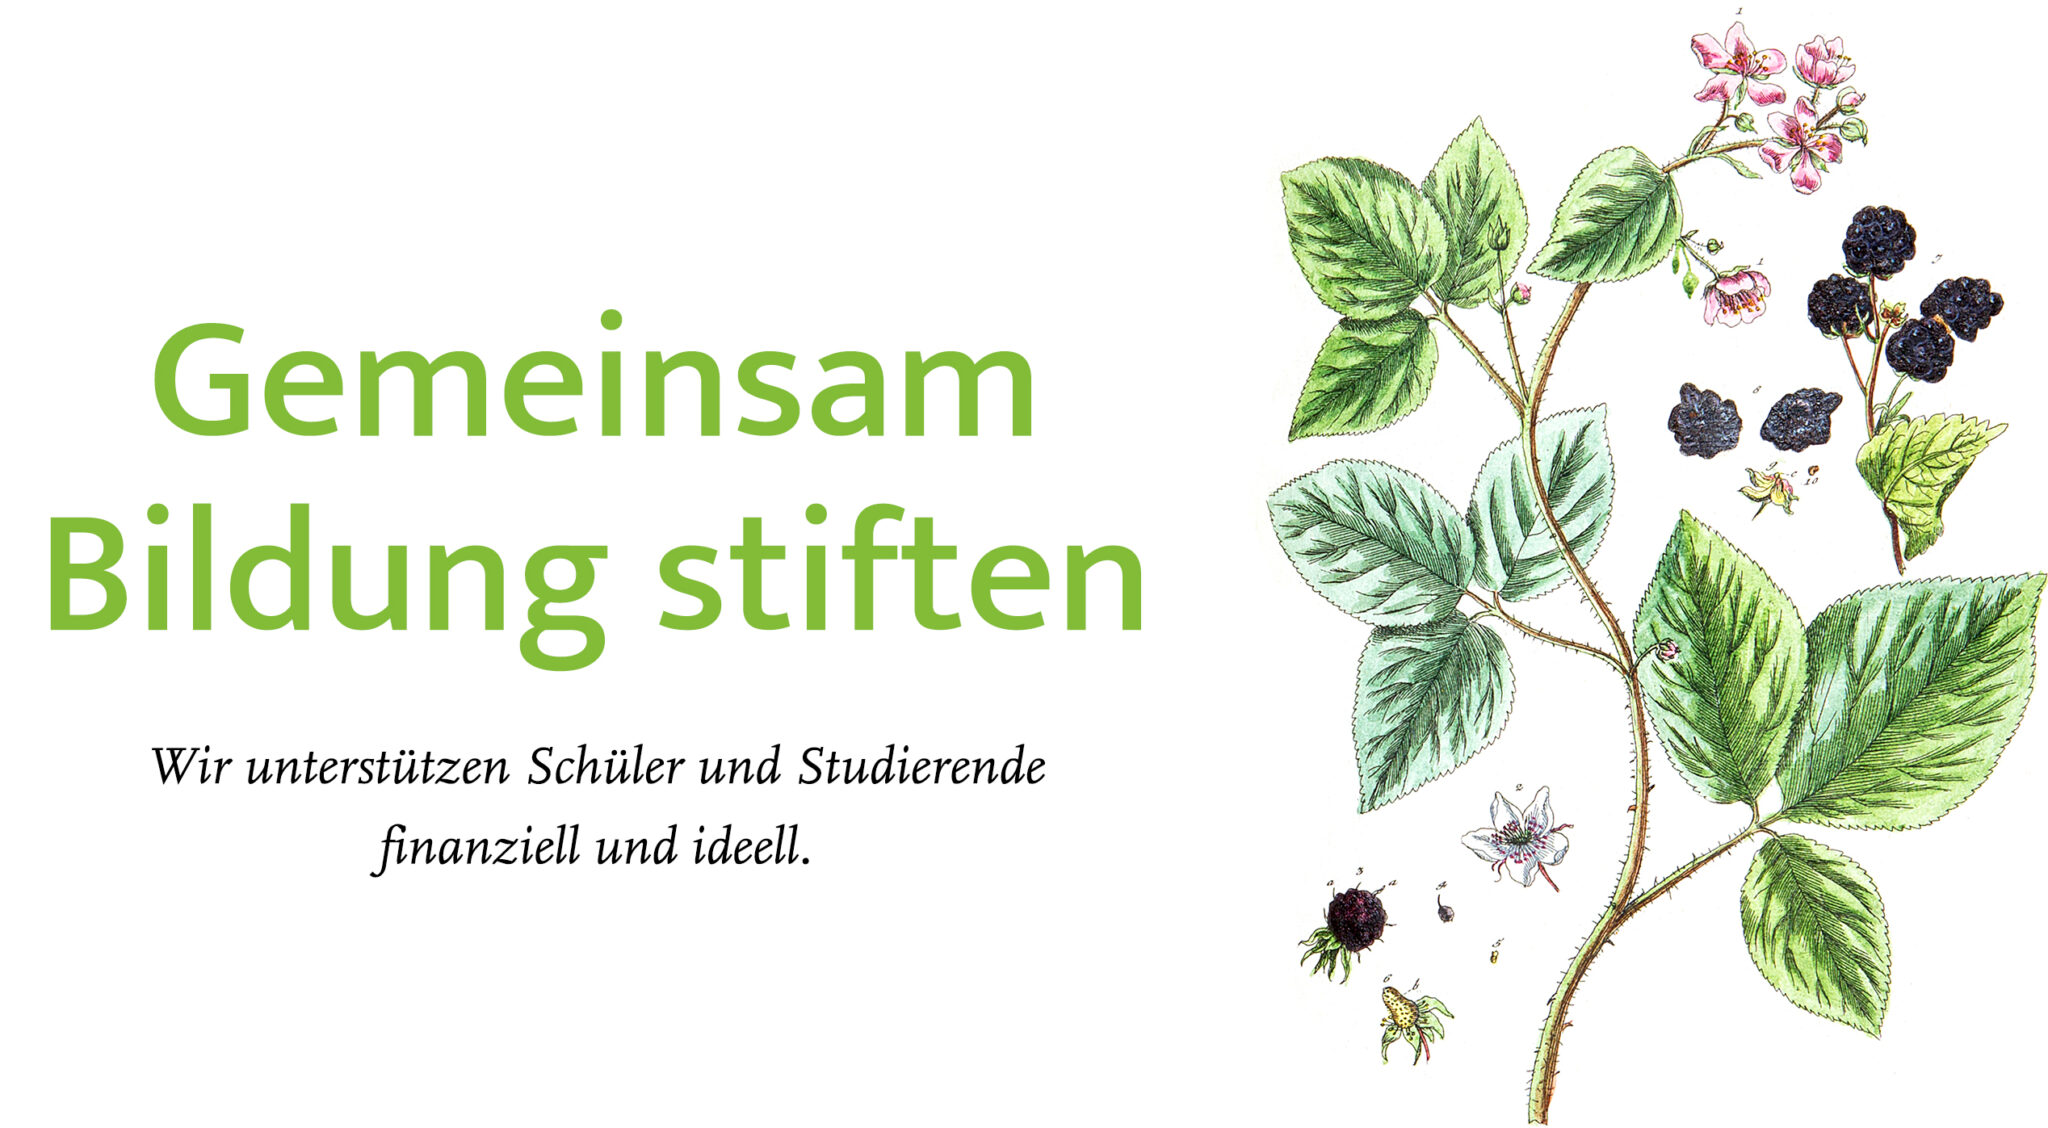 Koelner_Gymnasial_und_Stiftungsfonds_Header_Visual_Lay_04